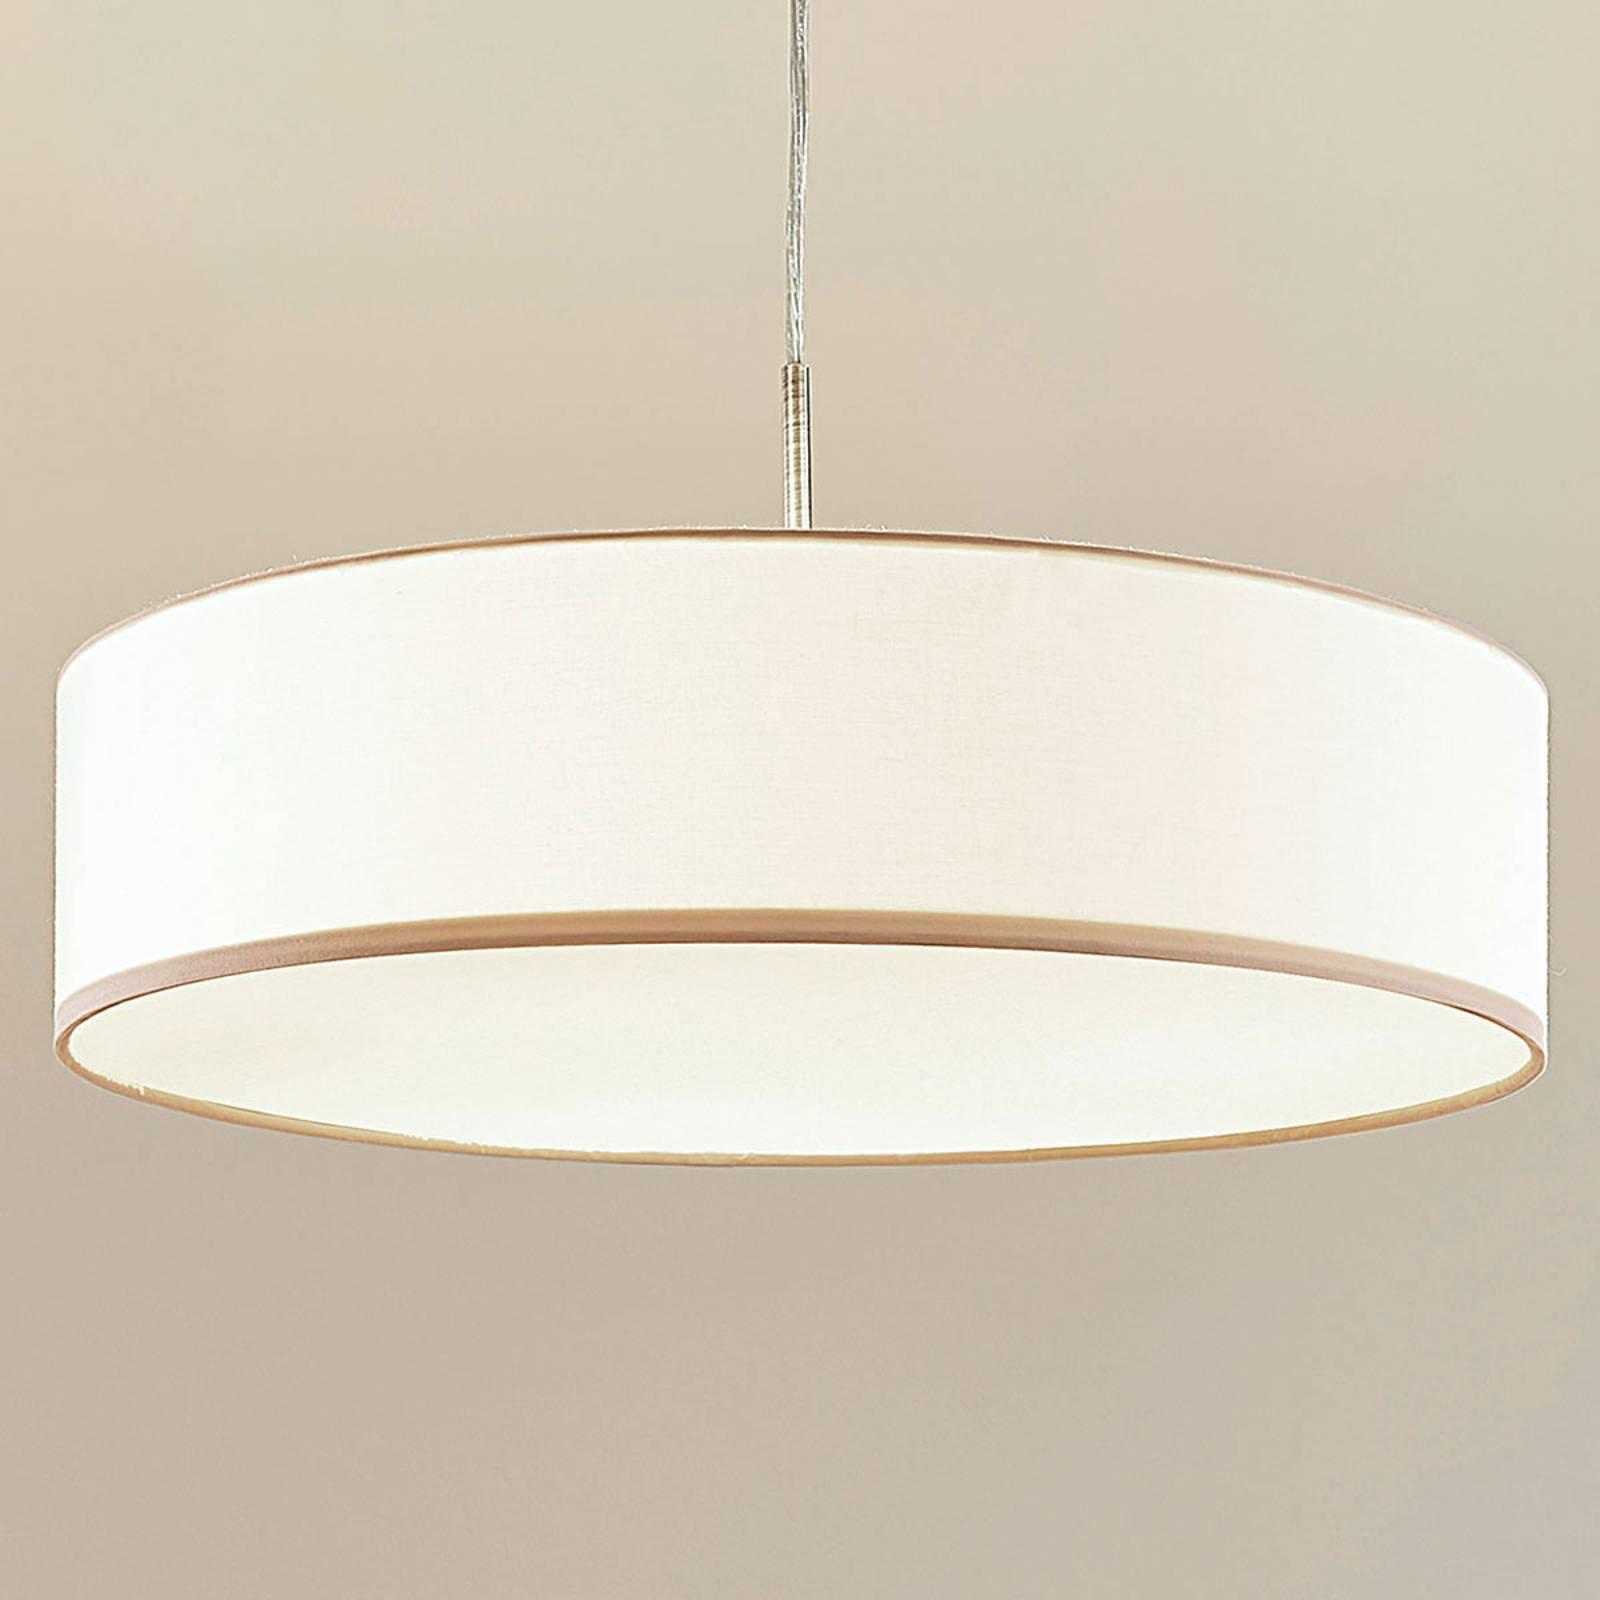 Kremfarget LED-pendellampe Sebatin av stoff